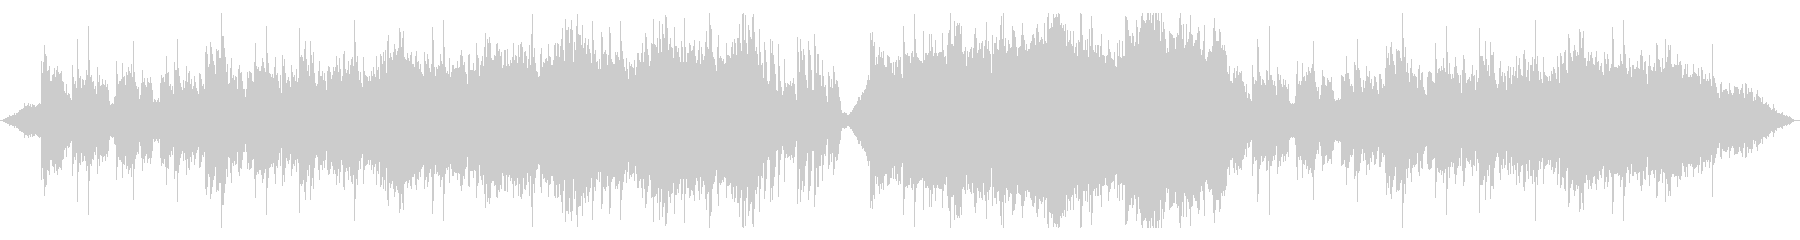 ダンジョン探索をイメージした管弦楽の未再生の波形